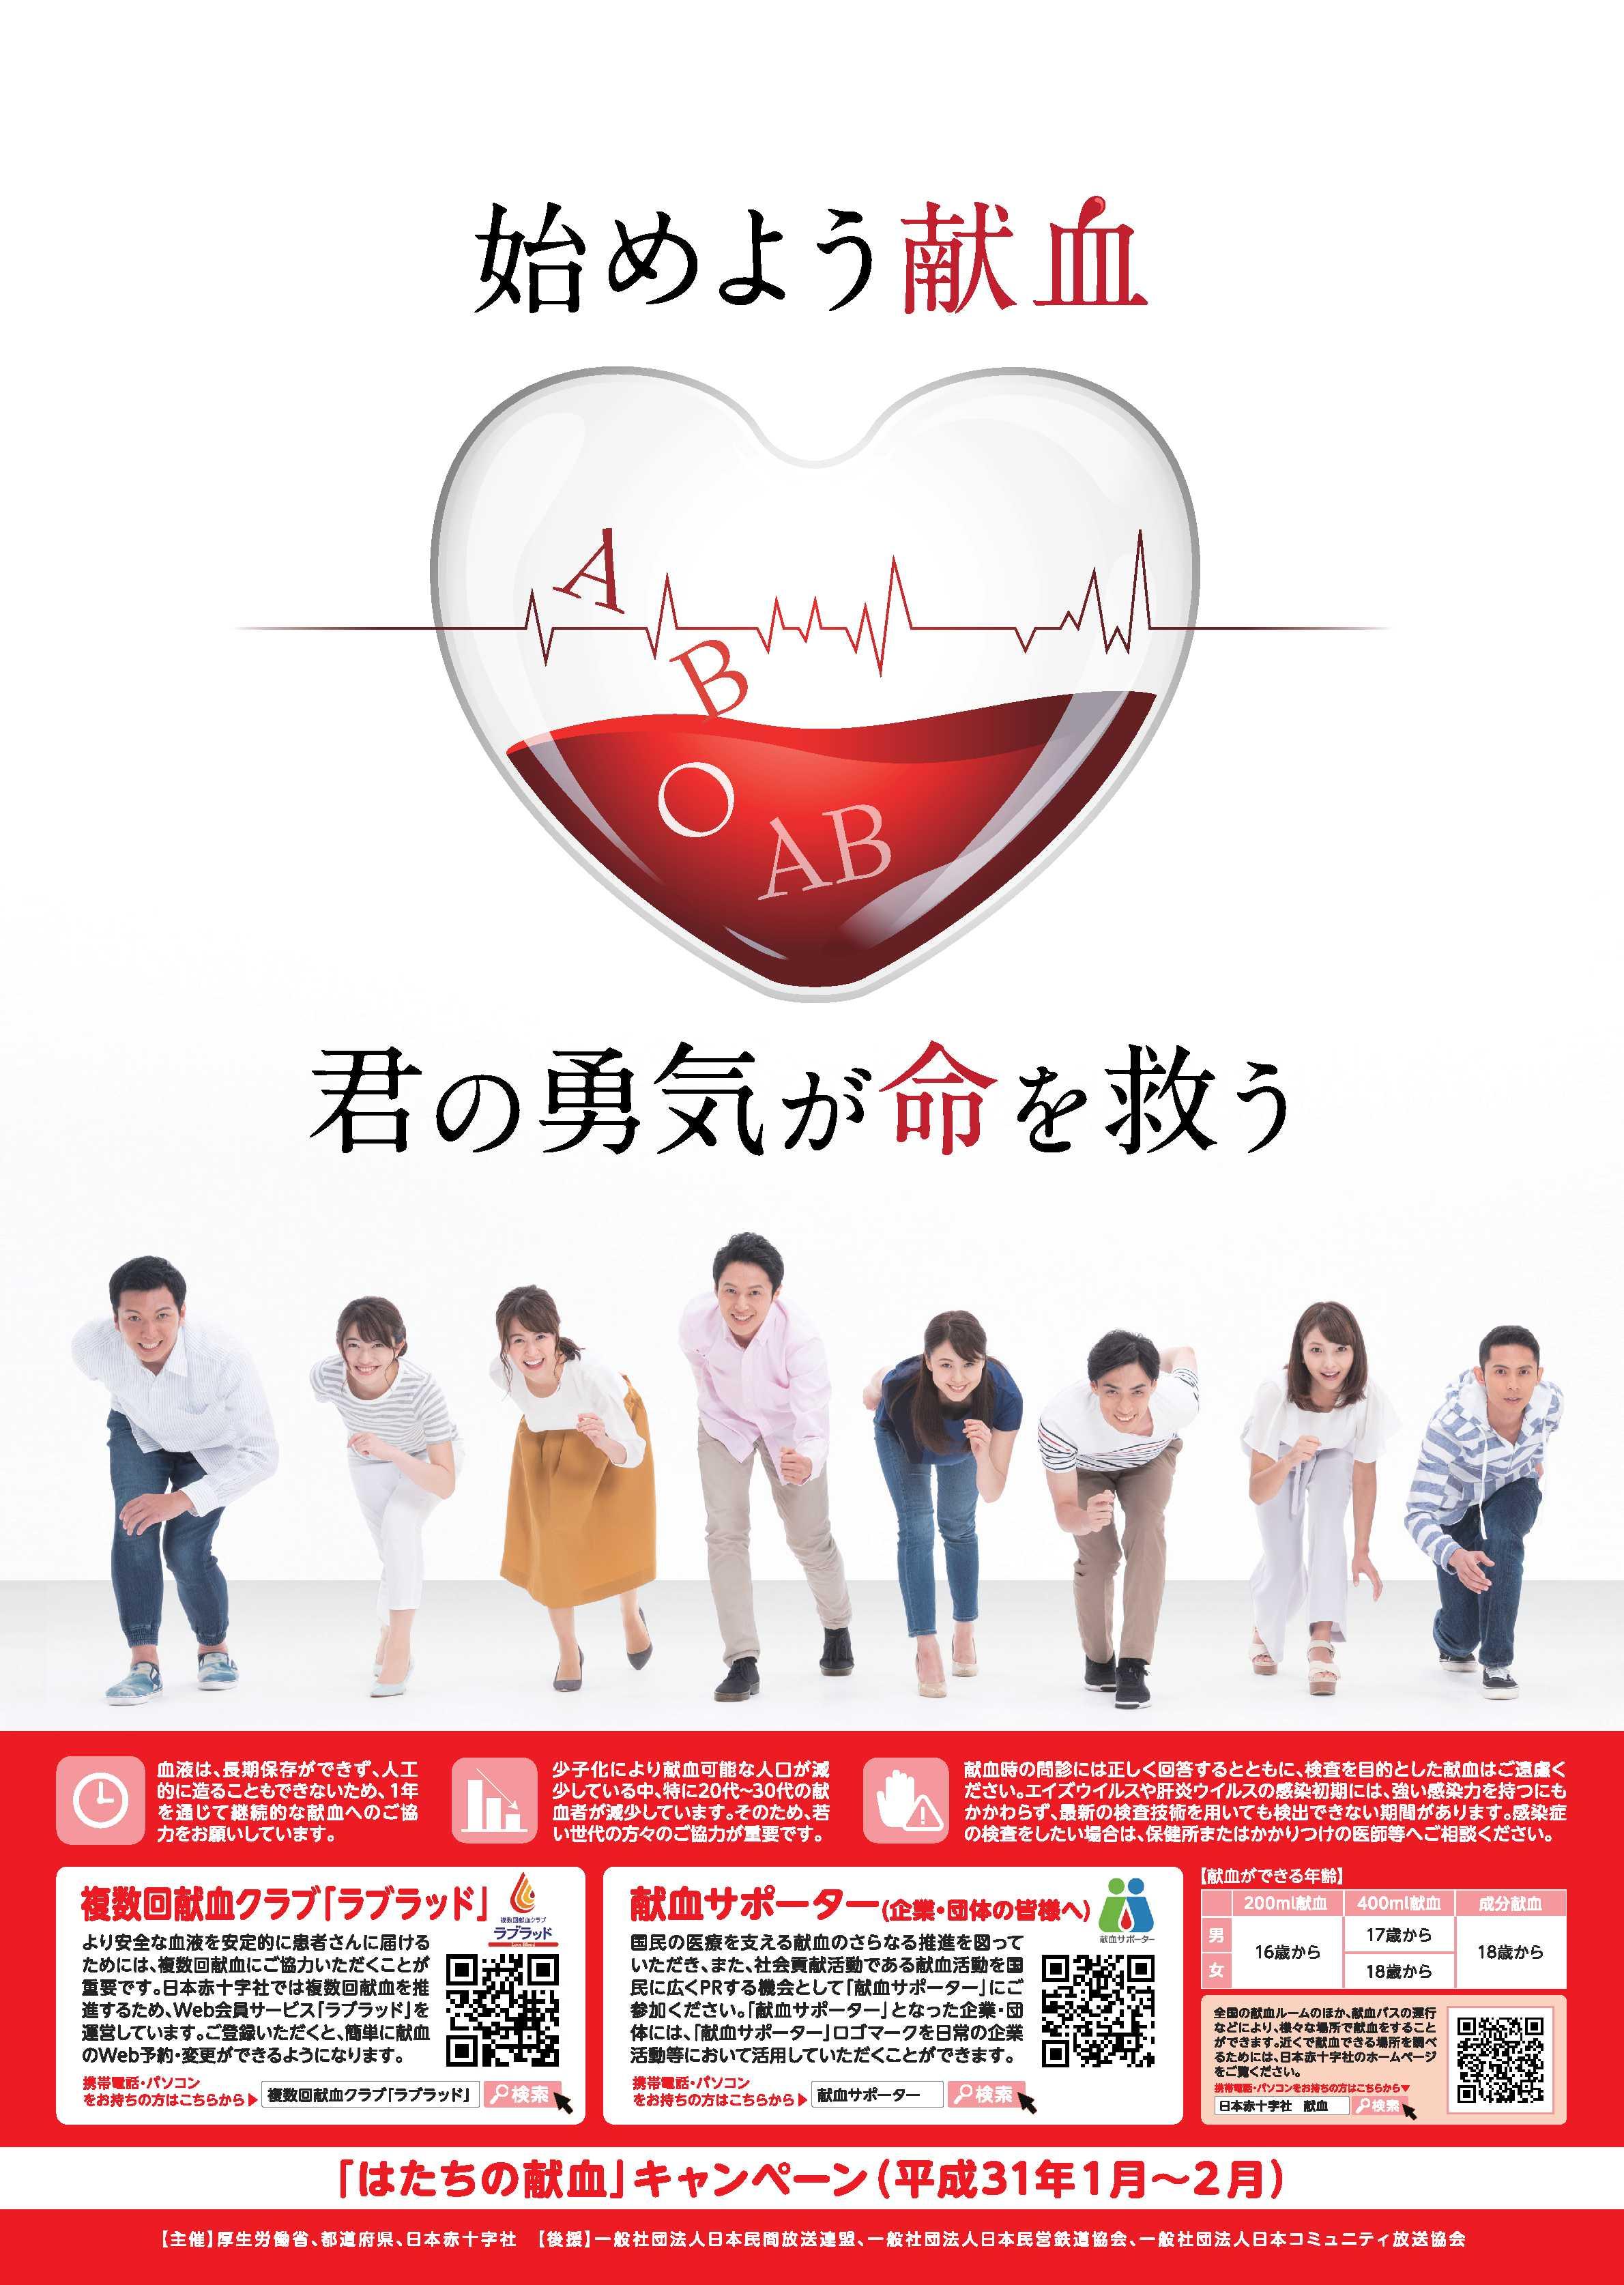 クラブ 複数 回 献血